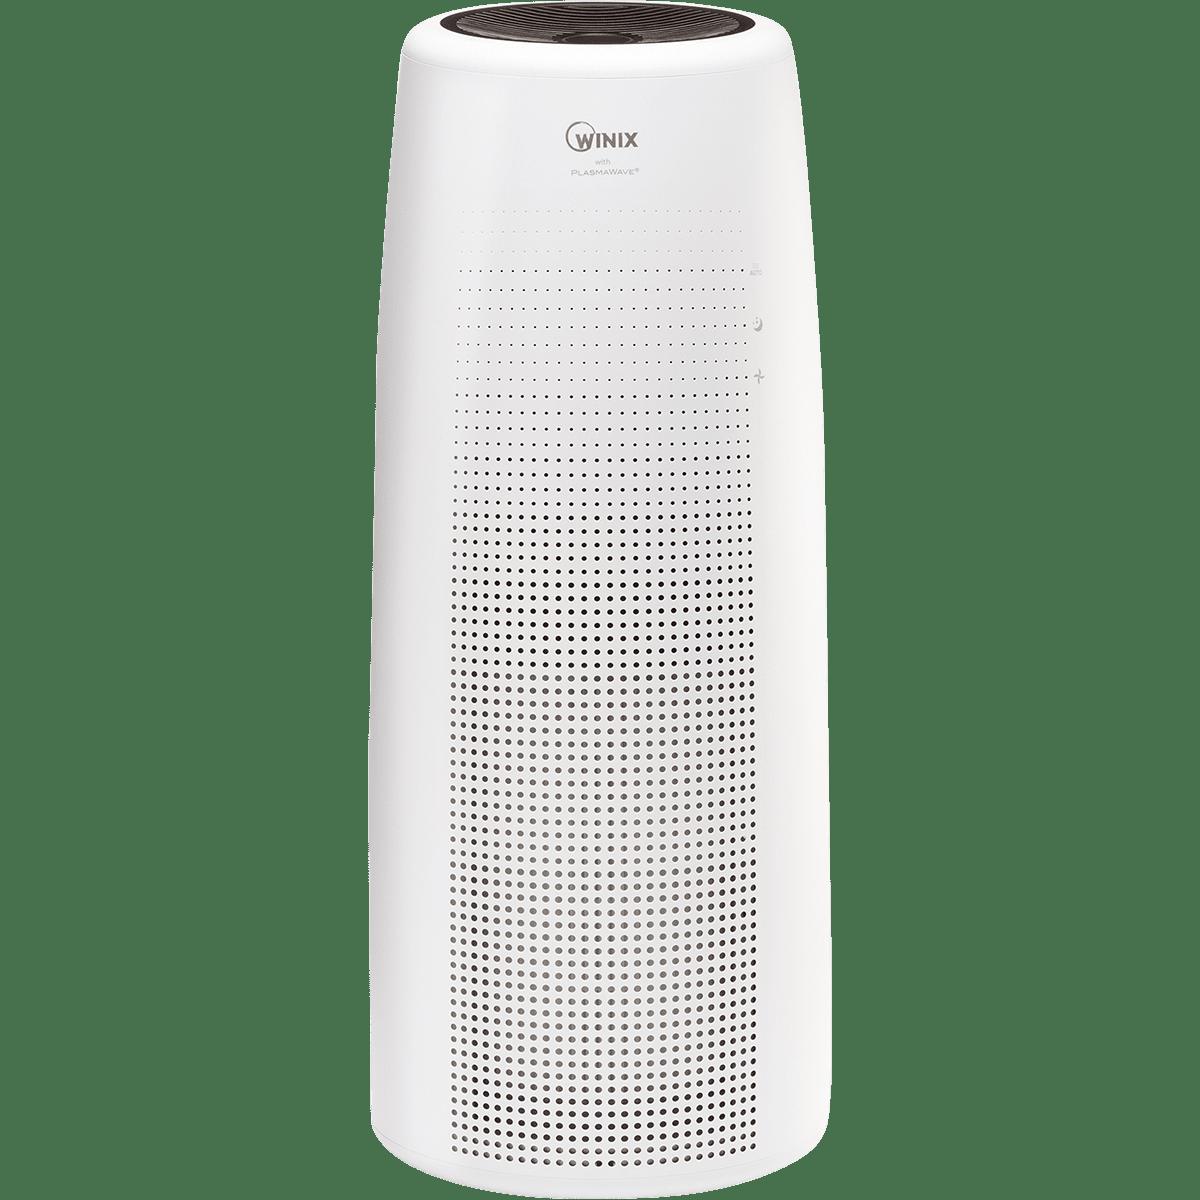 winix nk105 wifi enabled air purifier - Winix Air Purifier